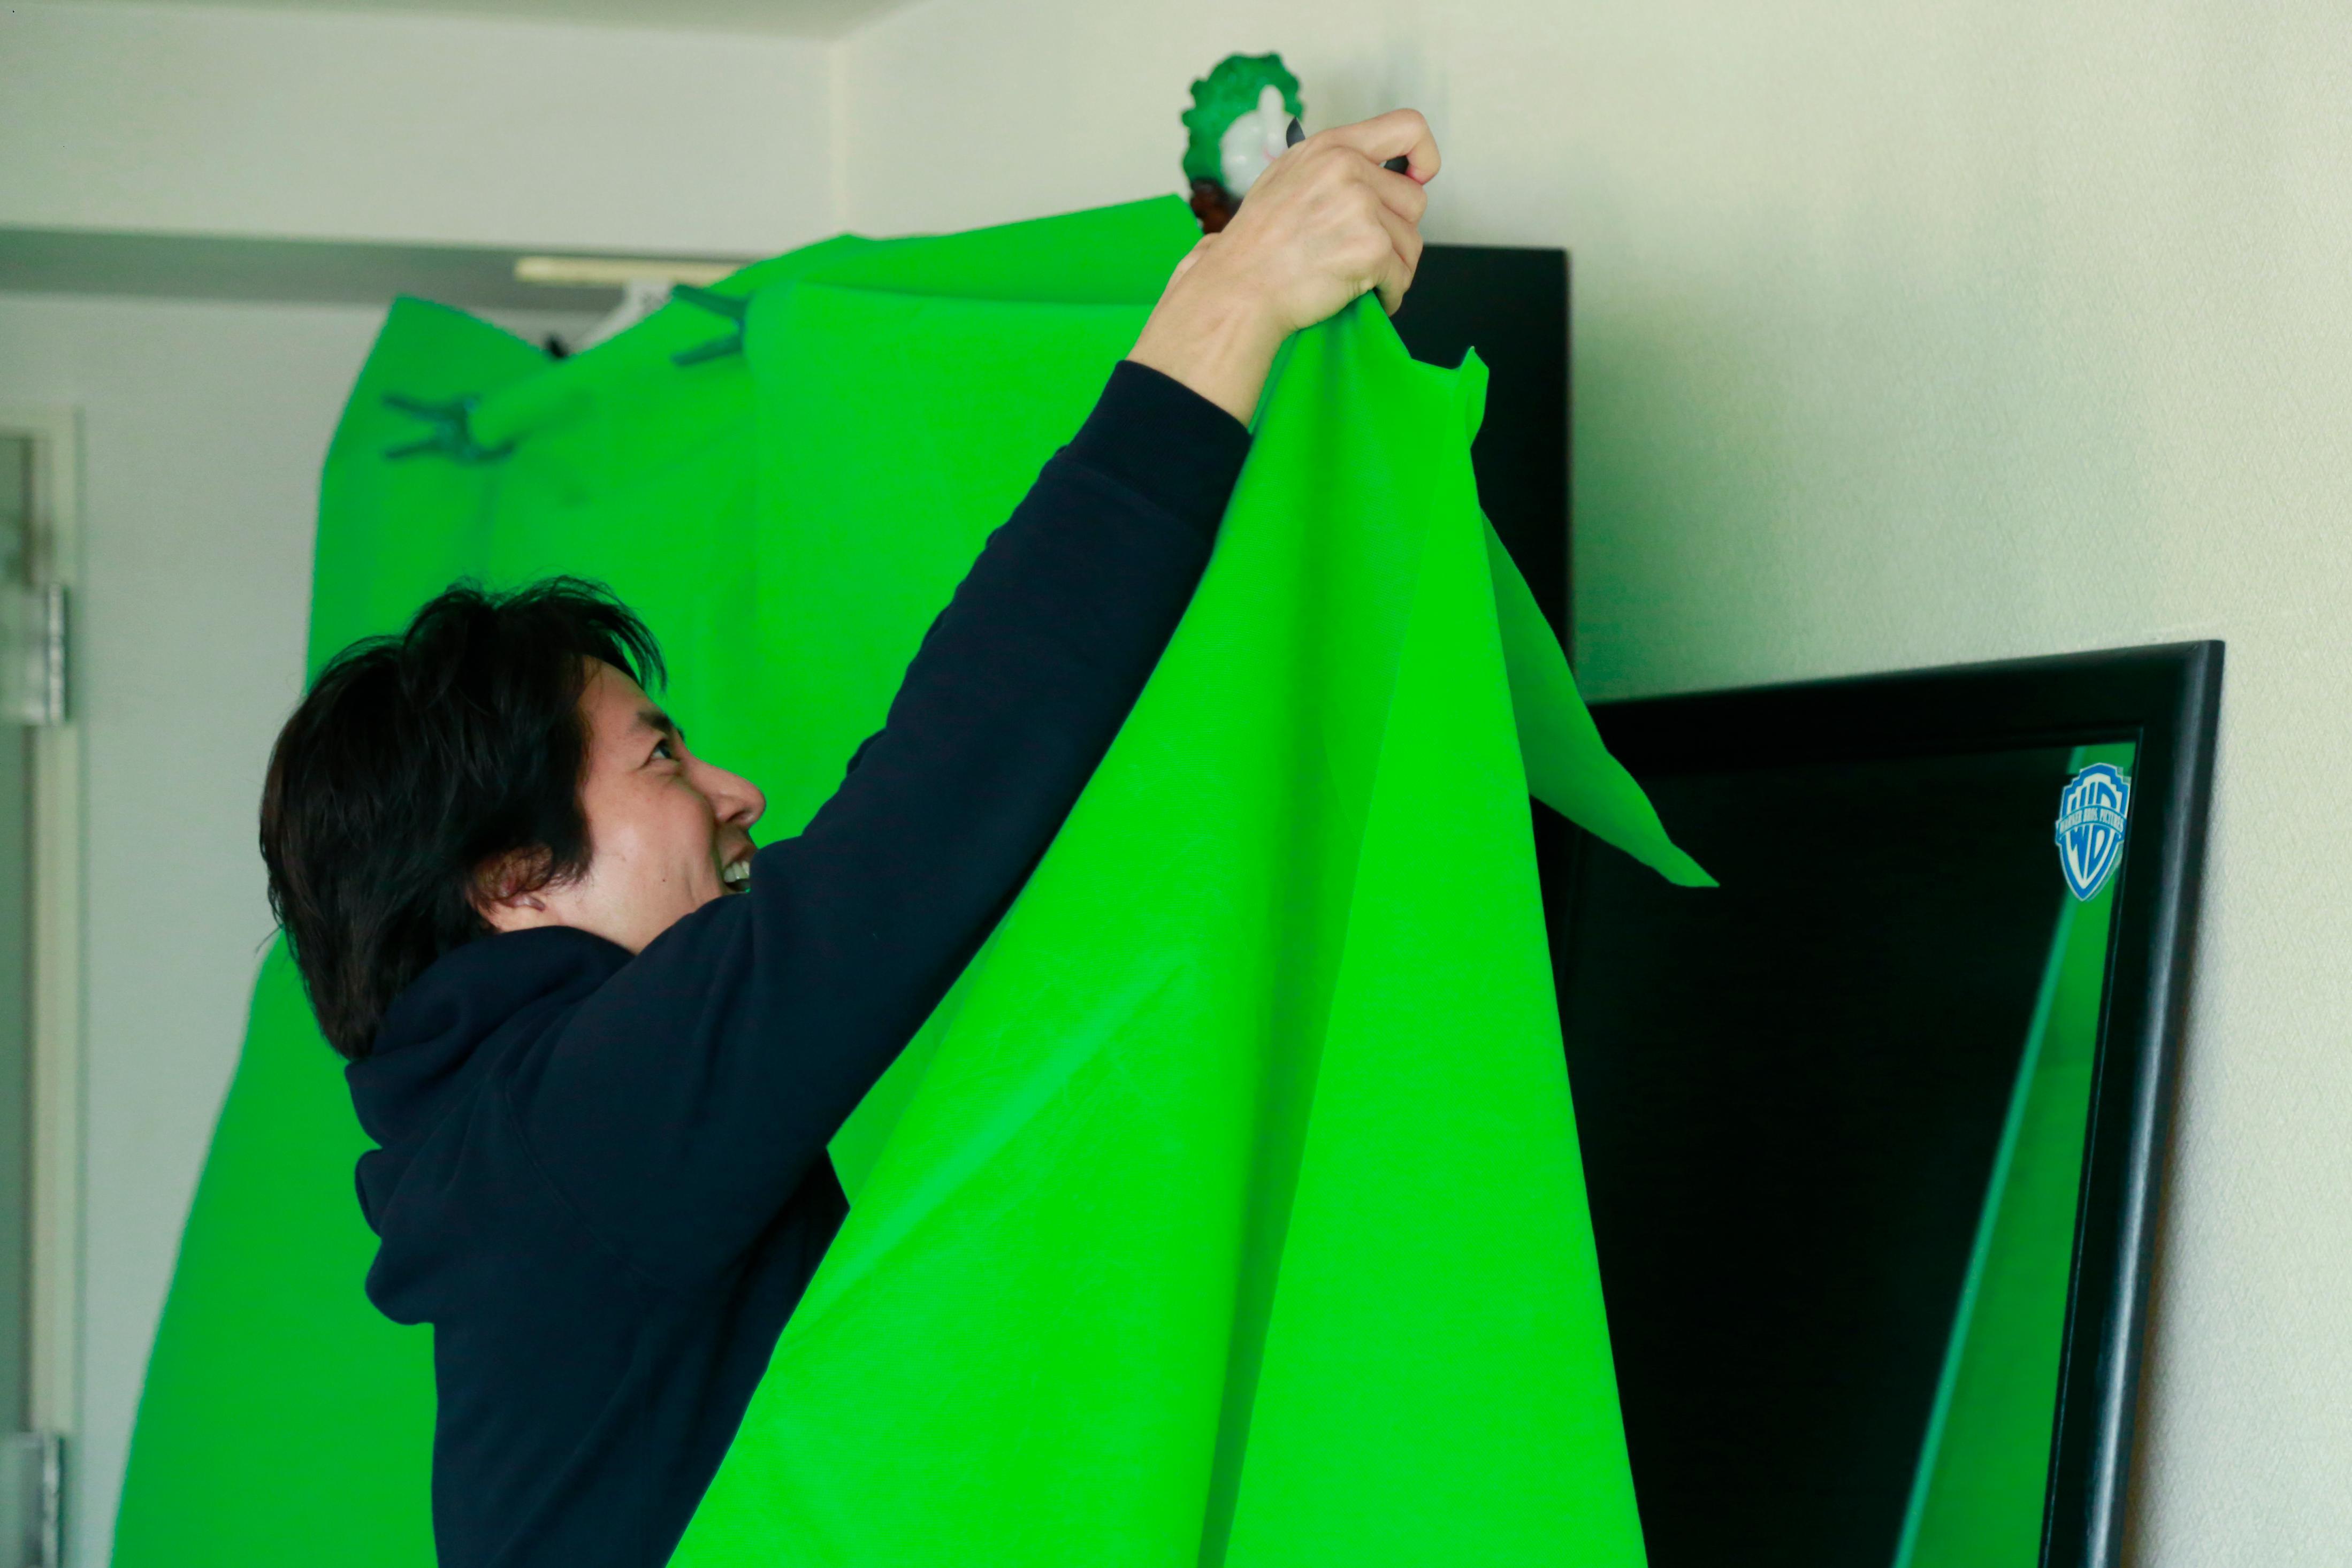 ケイン・コスギの自宅ゲーム配信環境には洗濯バサミが重要な役割